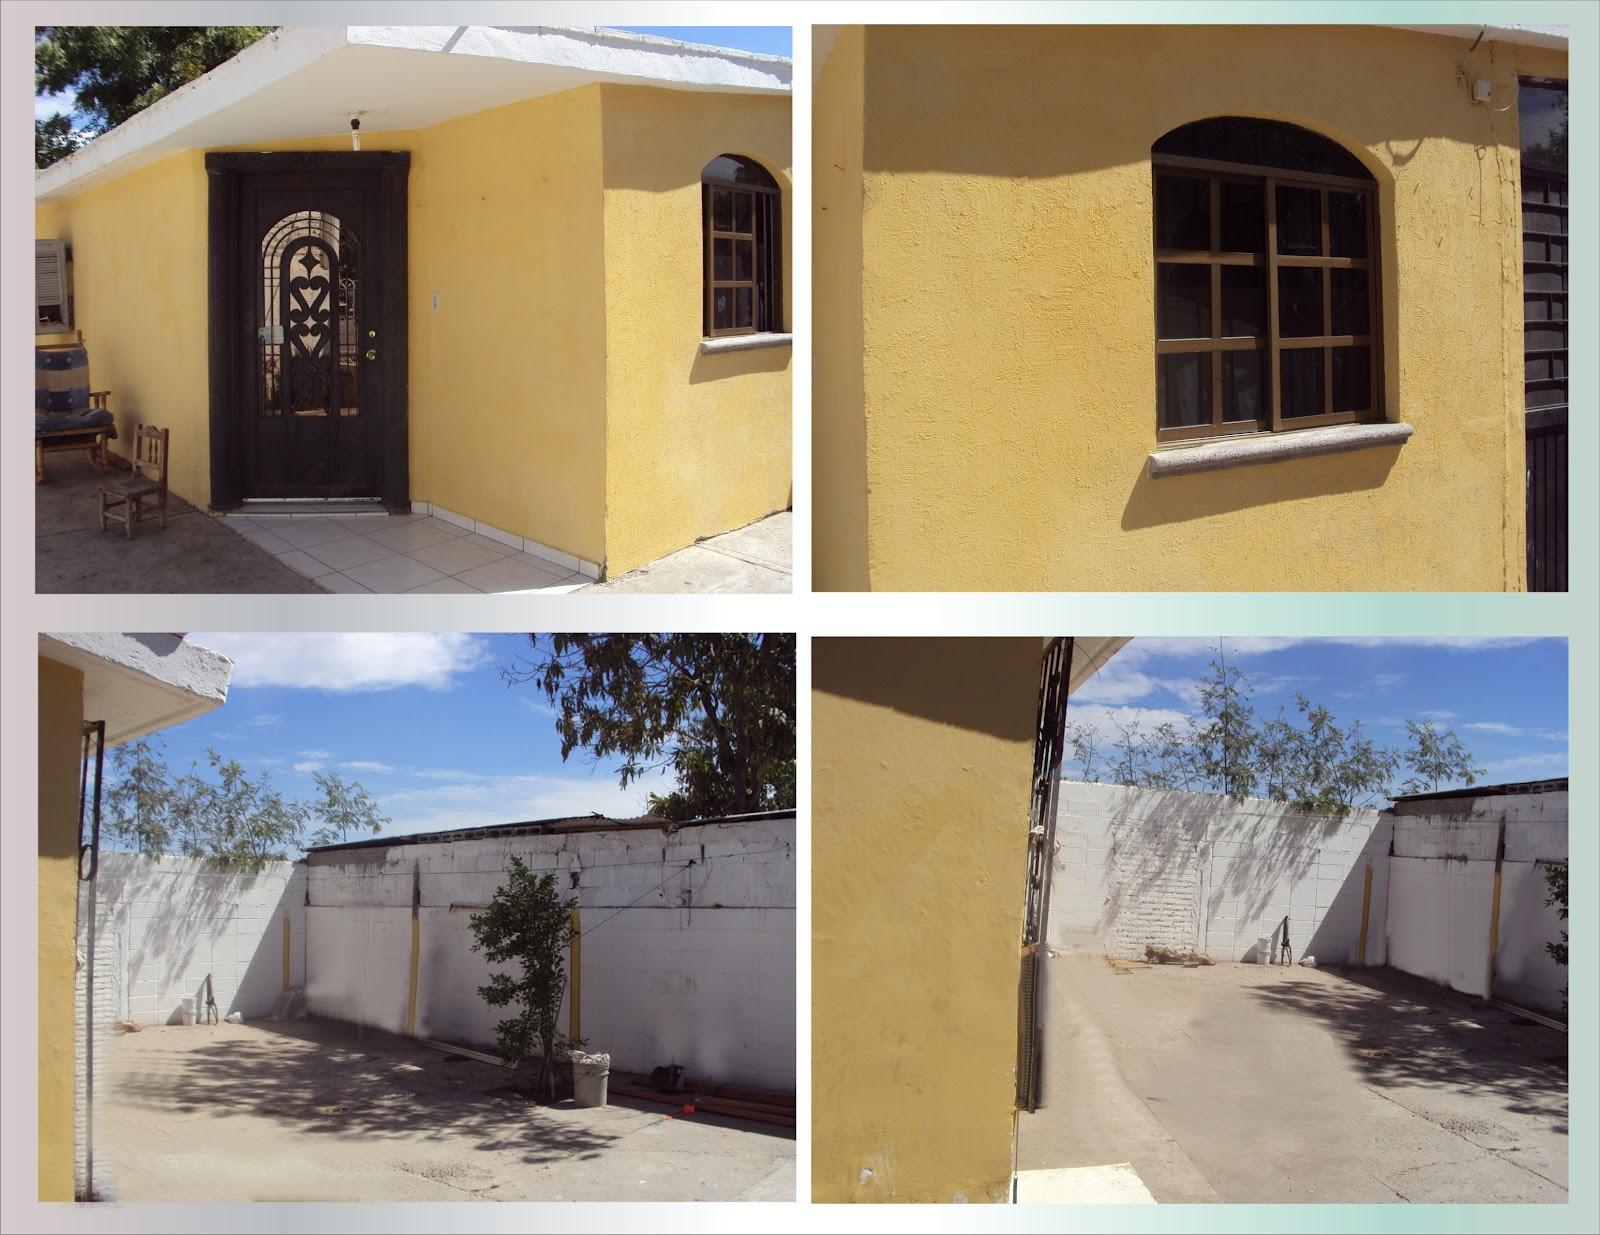 Del rincon inmobiliaria casas desde 401 000 for Casa jardin 8 de octubre